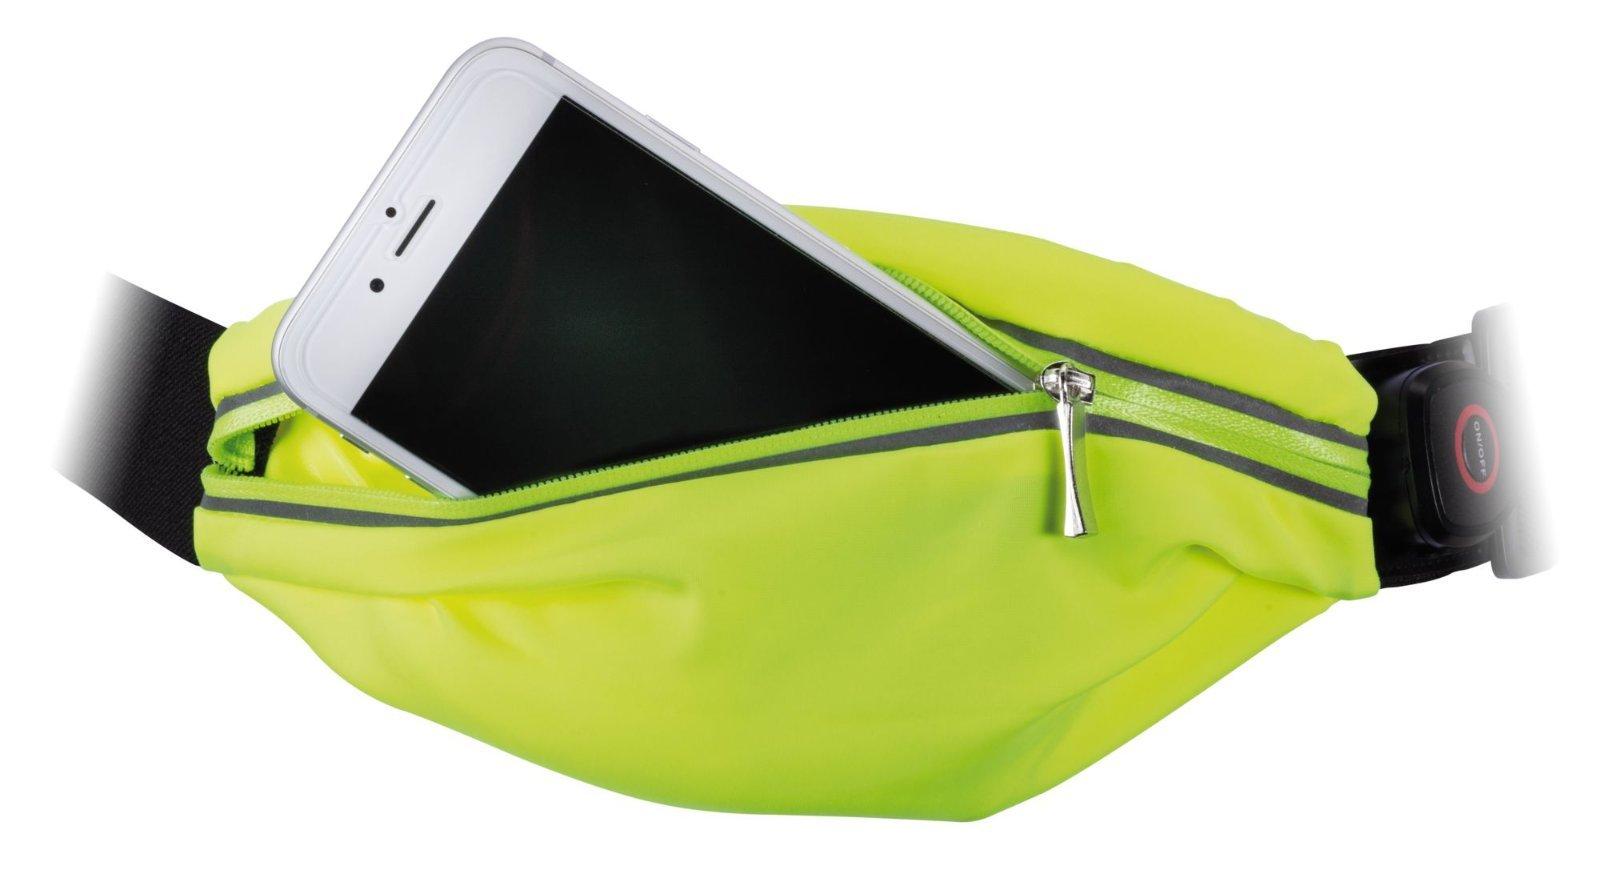 Сумка на талию со светодиодной подсветкой Paulmann Waist bag yellow rechargeable 70969, LED 0,4W, черный, зеленый, текстиль - фото 3